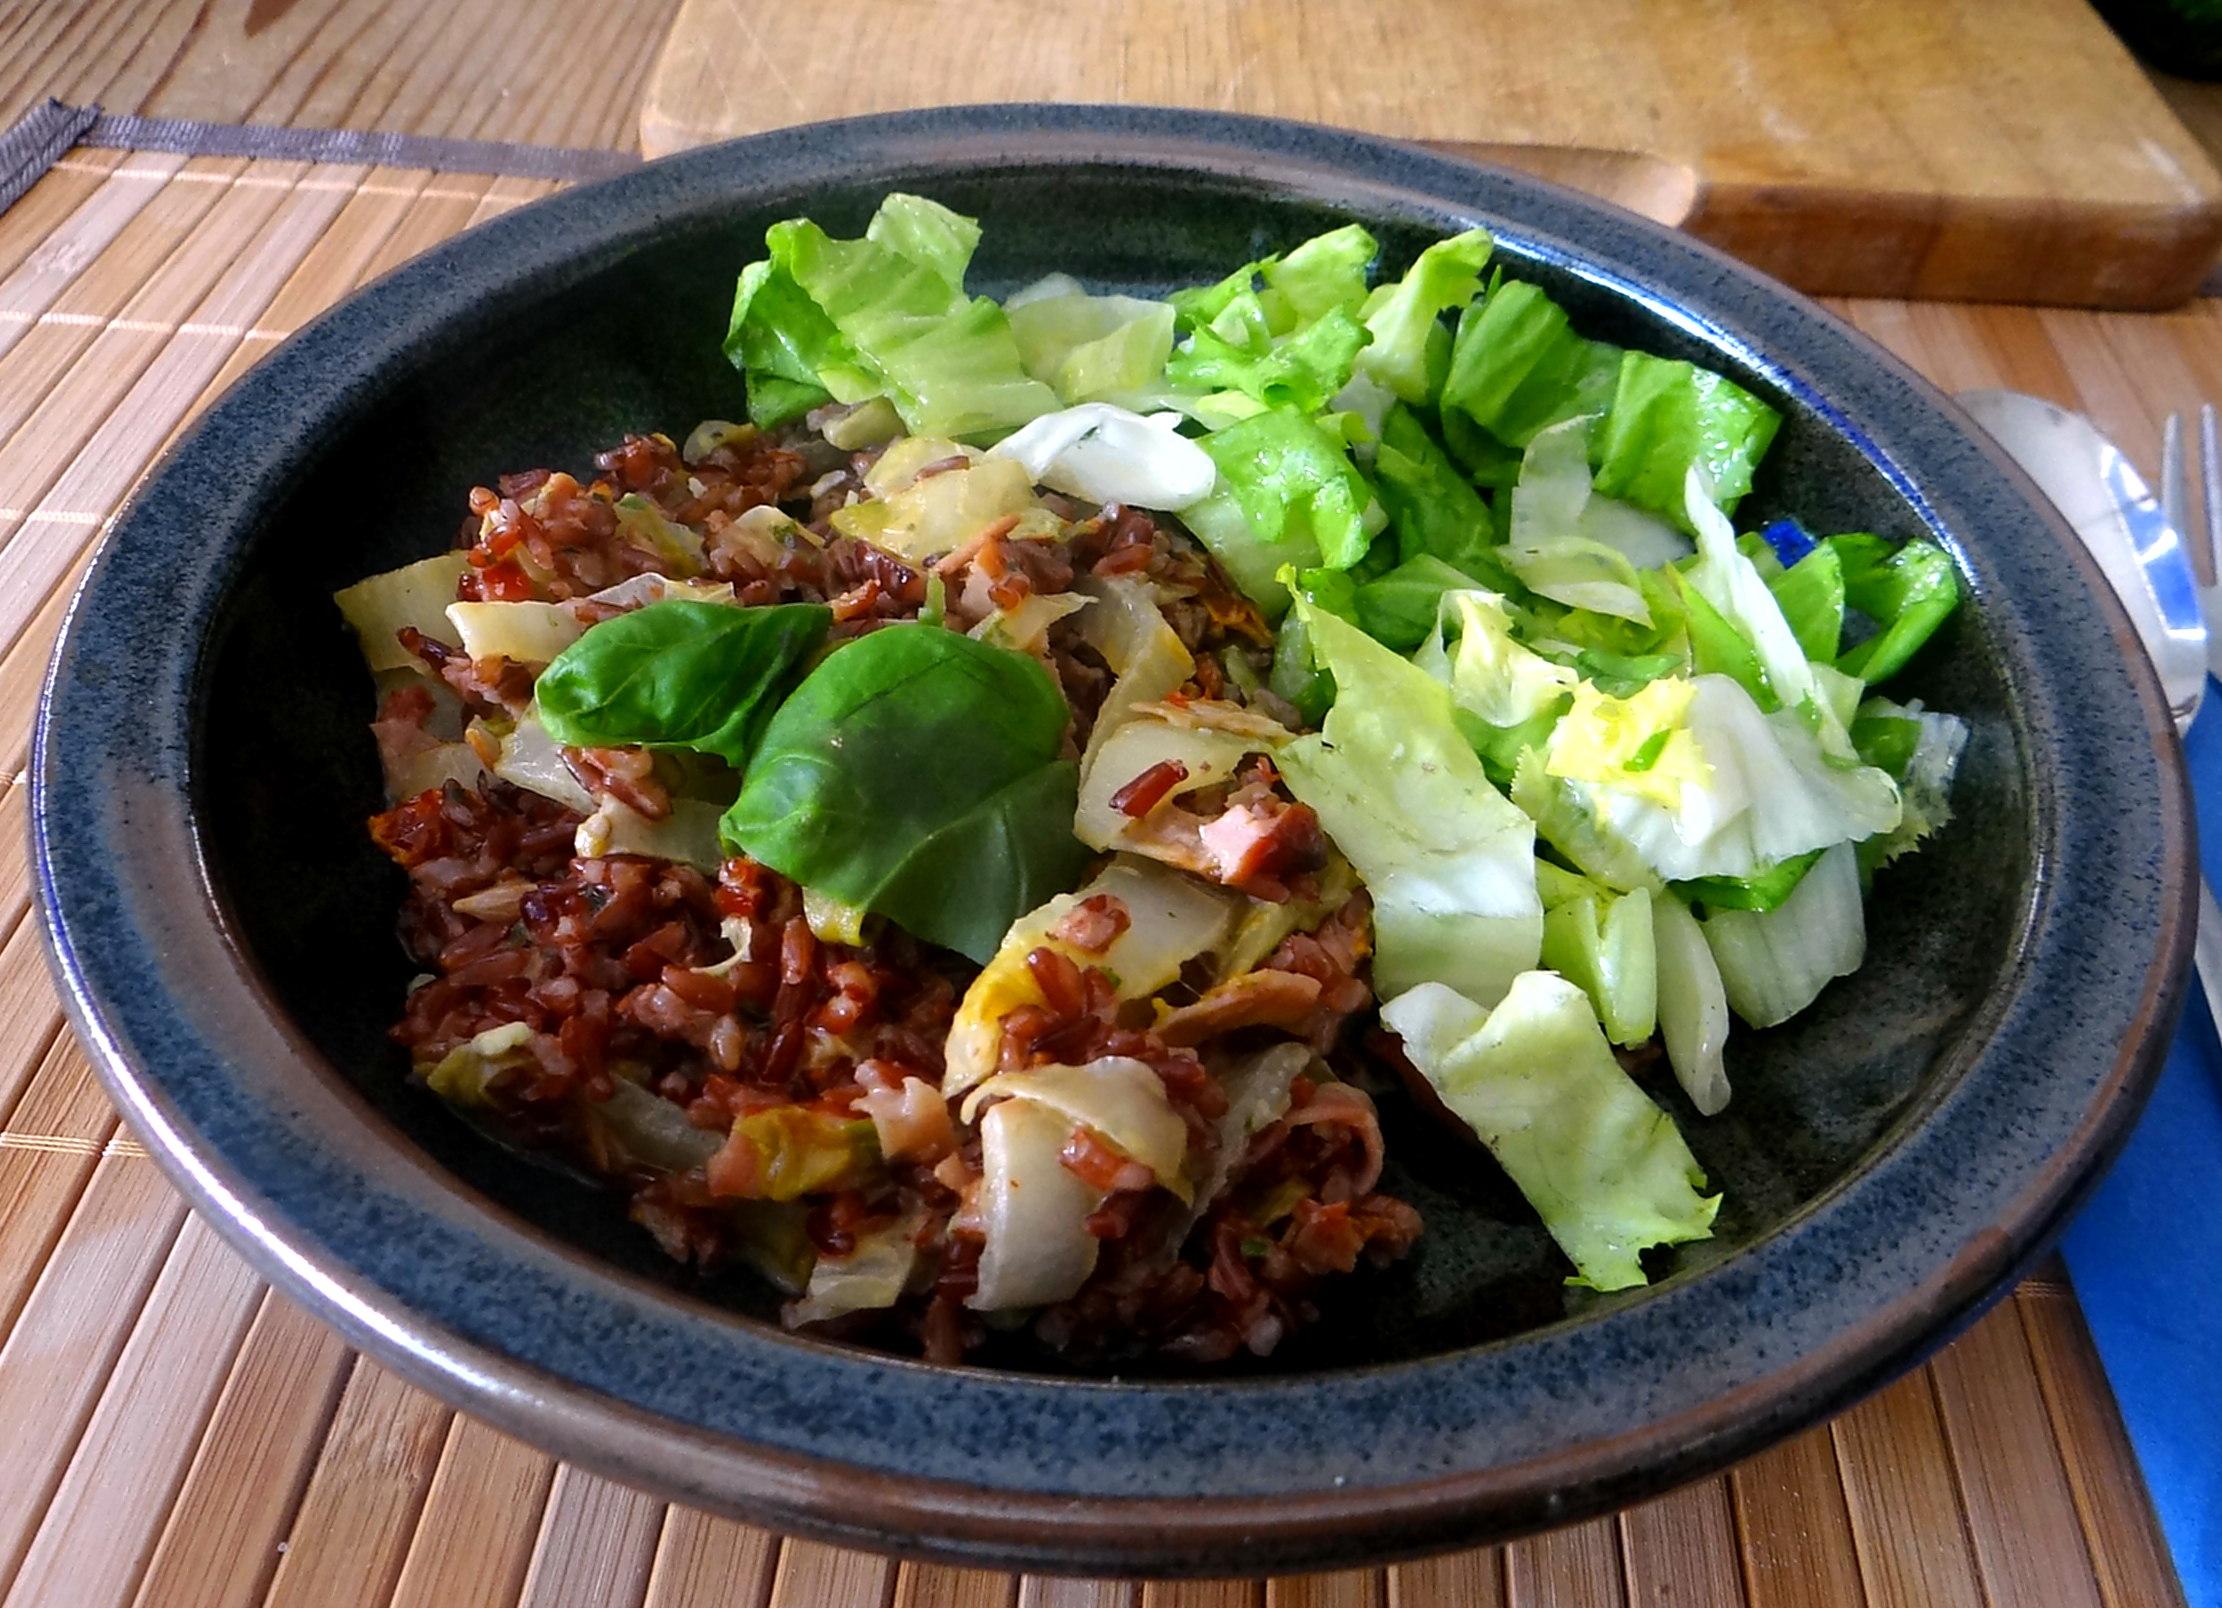 Chicoree-Schinkenpfanne,Roter Reis,Endiviensalat (19)